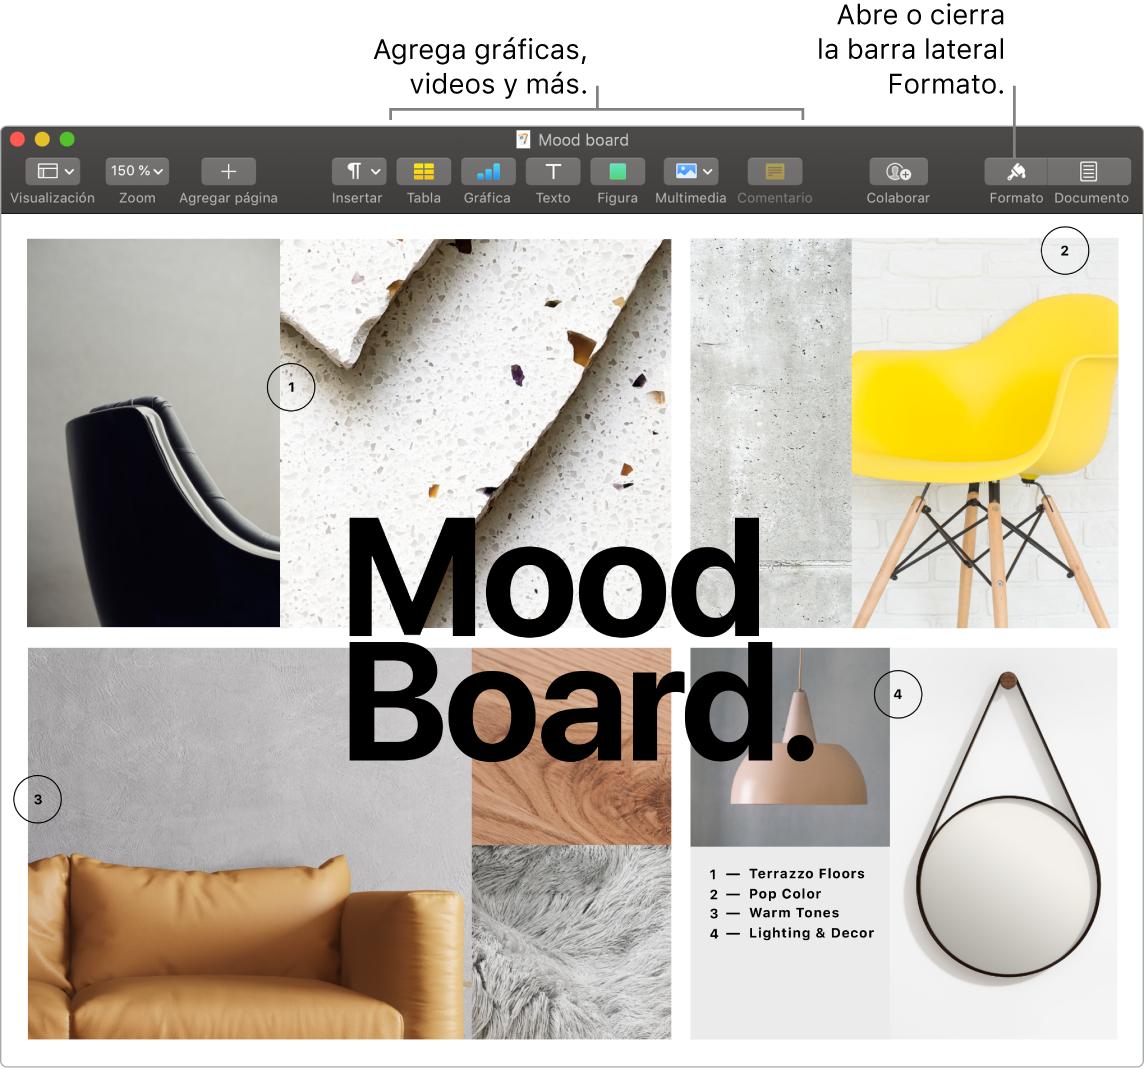 Ventana de Pages mostrando la barra de herramientas y las herramientas de edición en la parte superior, el botón Compartir cerca del centro y la barra lateral Formato a la derecha.